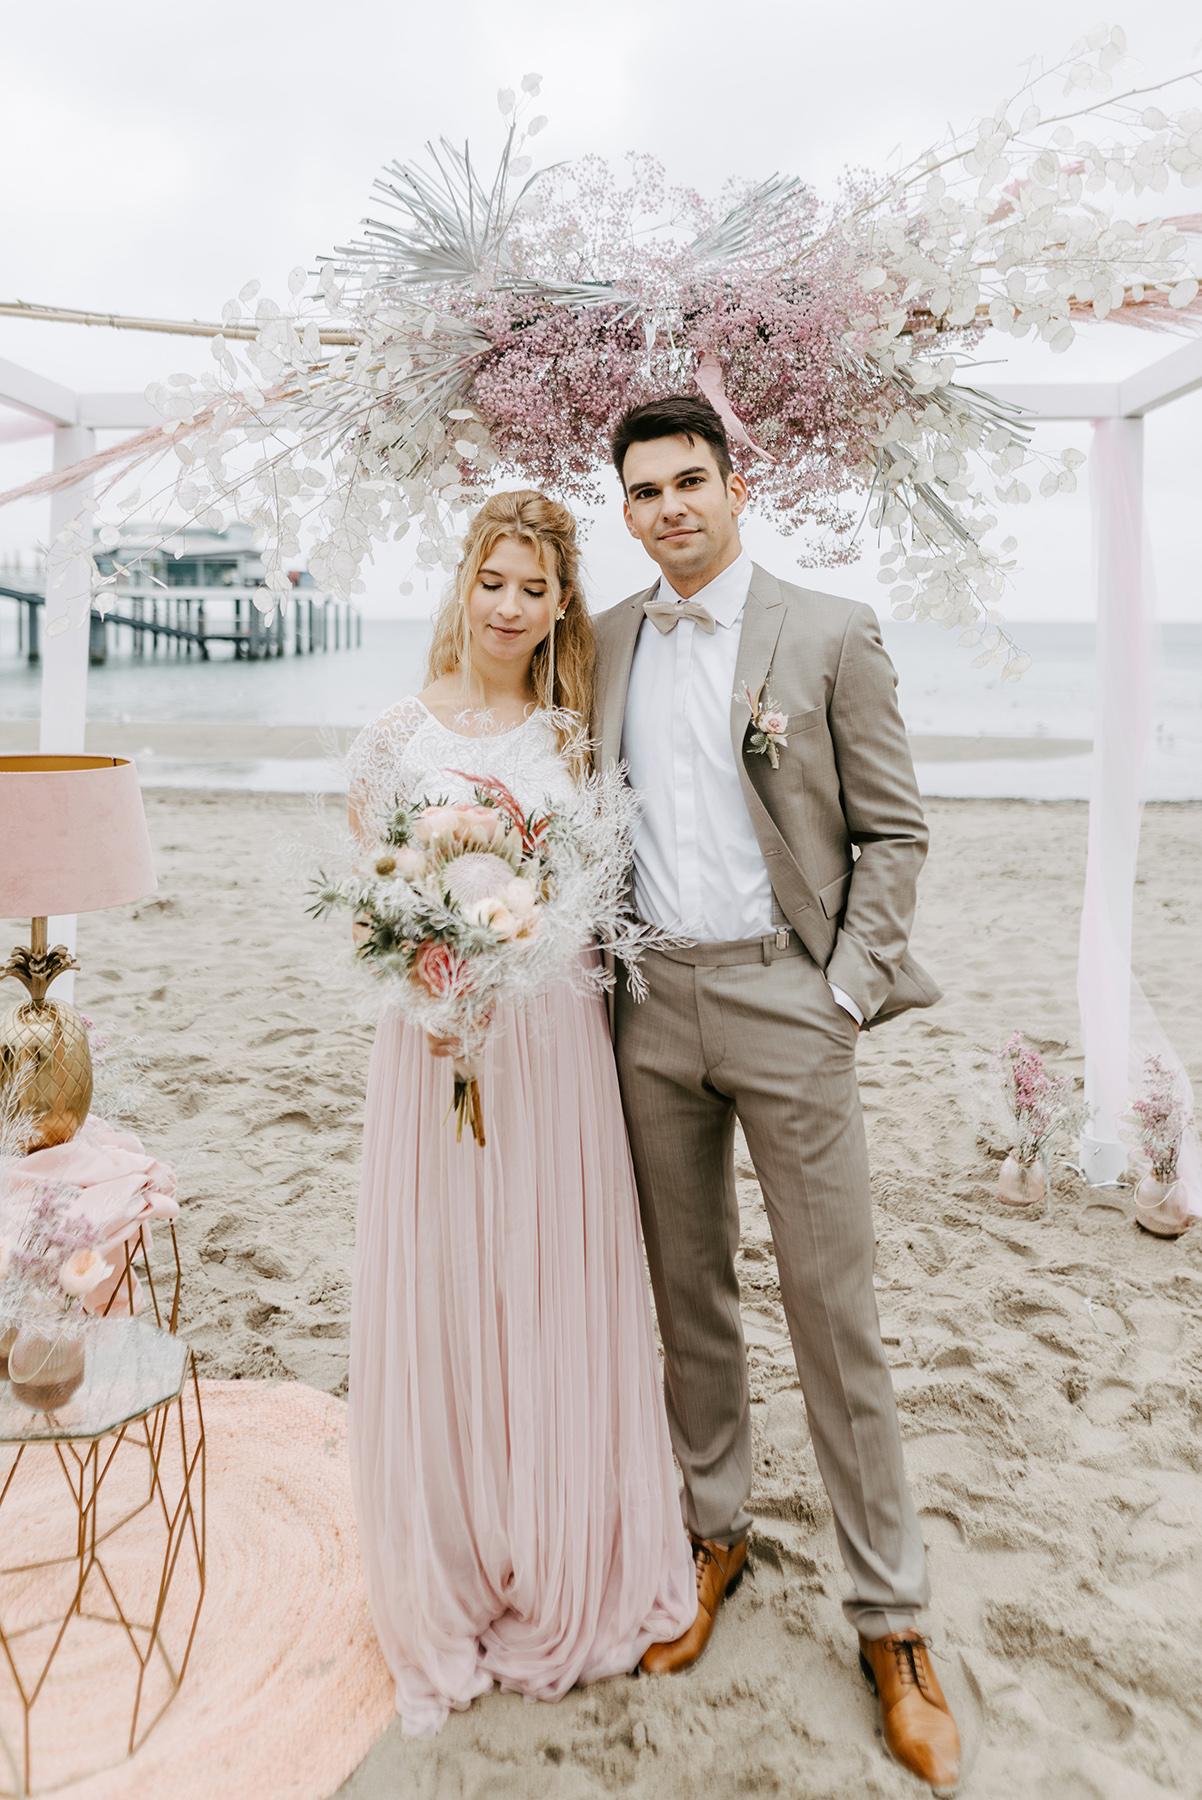 Heiraten an der Ostsee, Heiraten in Lübeck, Heiraten Lübecker Bucht, Heiraten am Meer in Deutschland, Heiraten am Strand